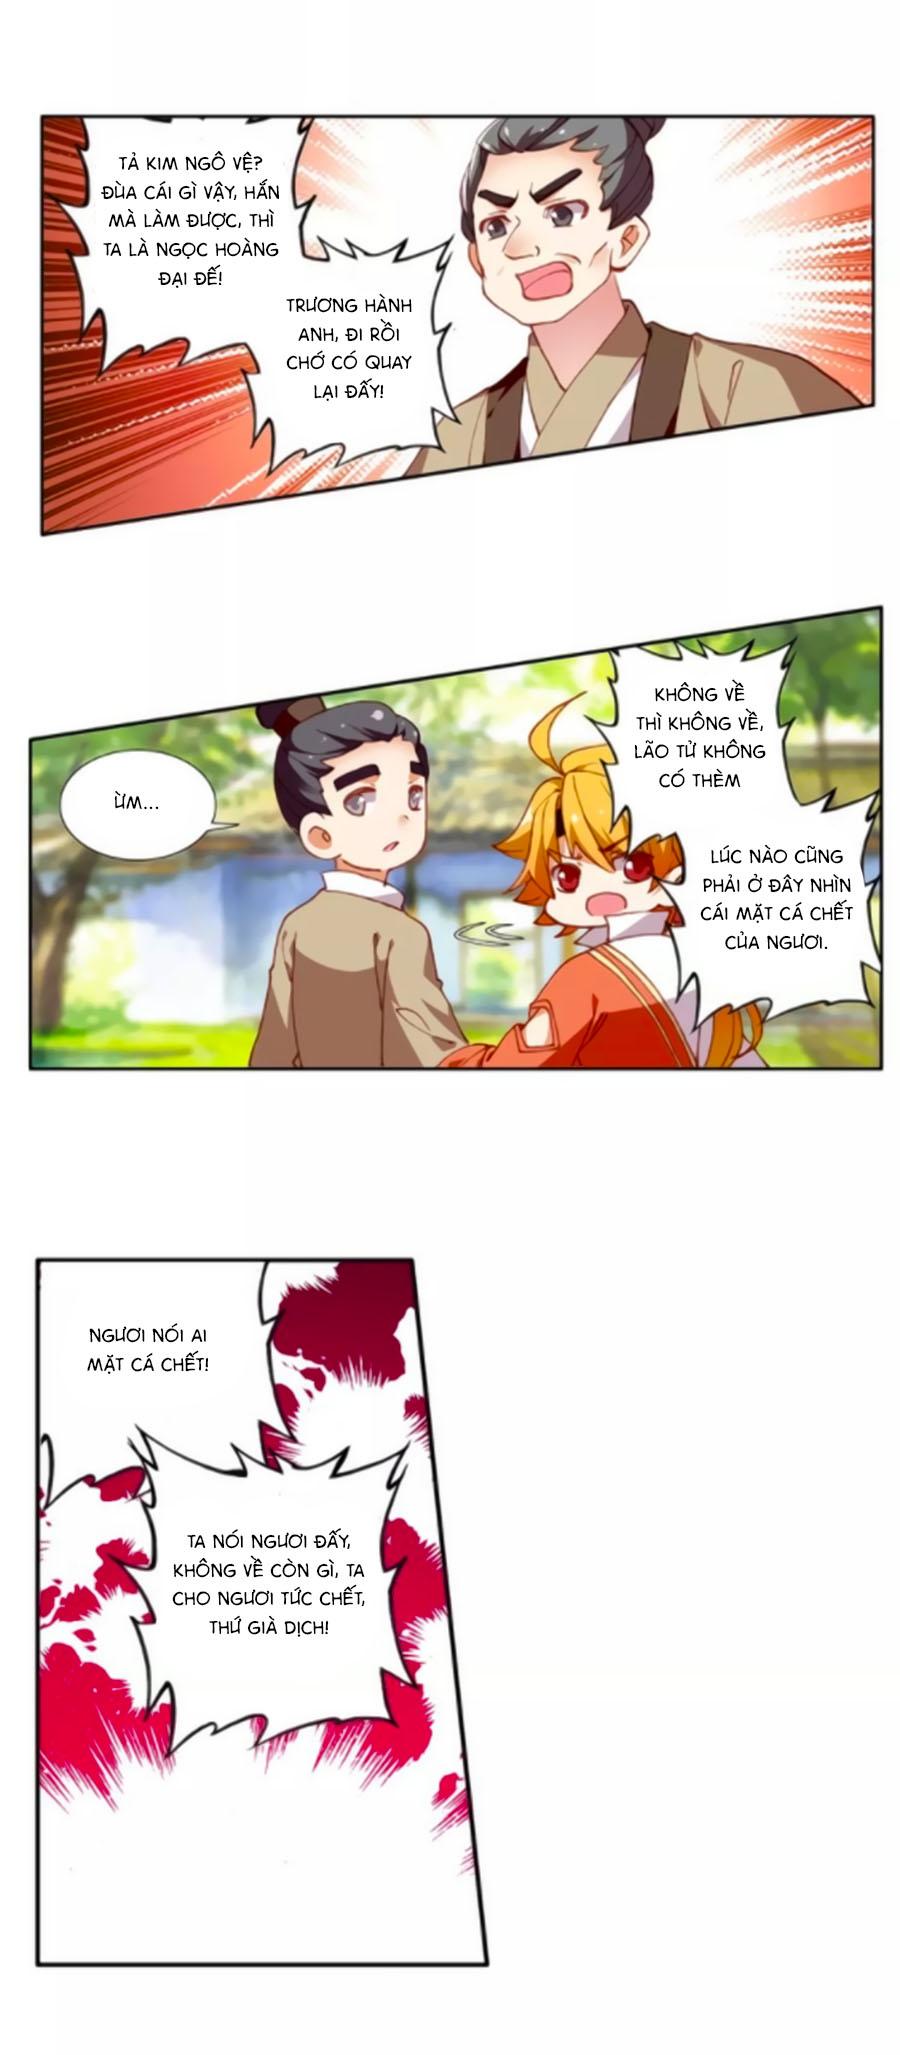 Trâm Trung Lục trang 16